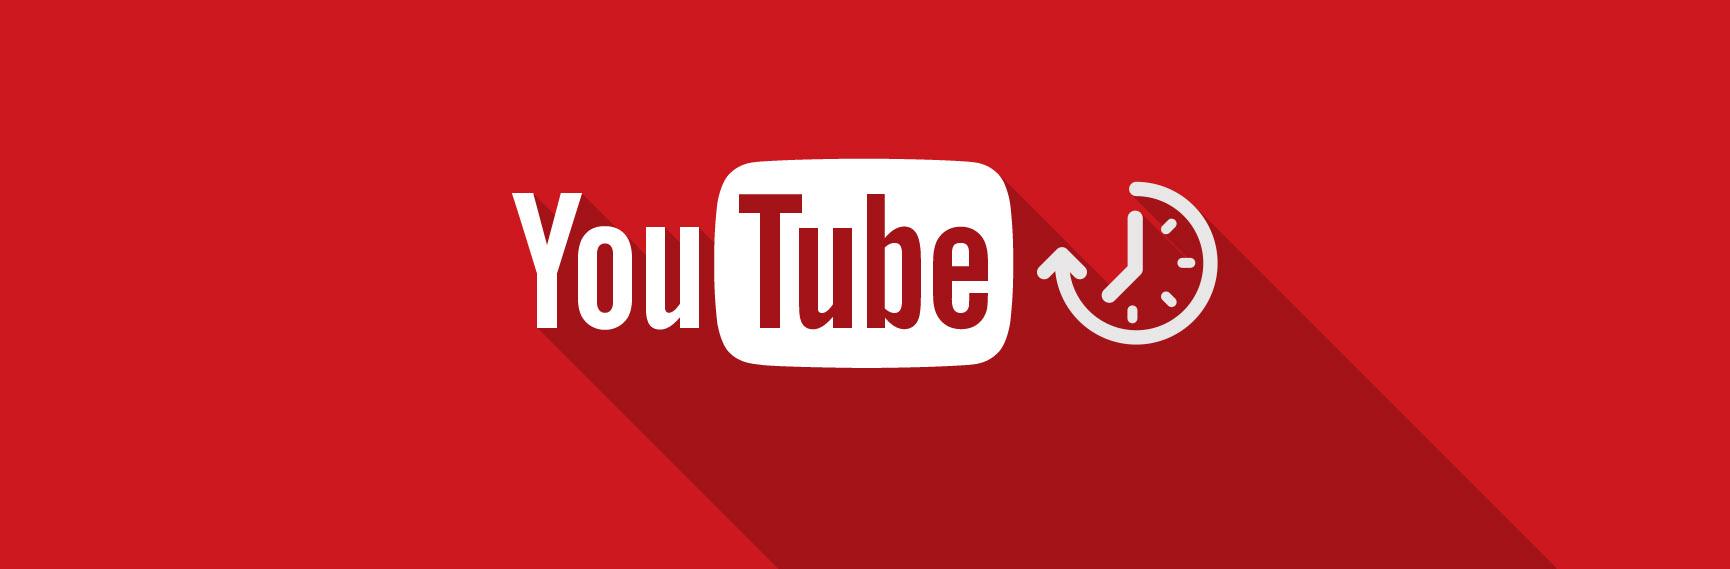 یوتیوب به استاندارد دیوایسهای لمسی پیوست